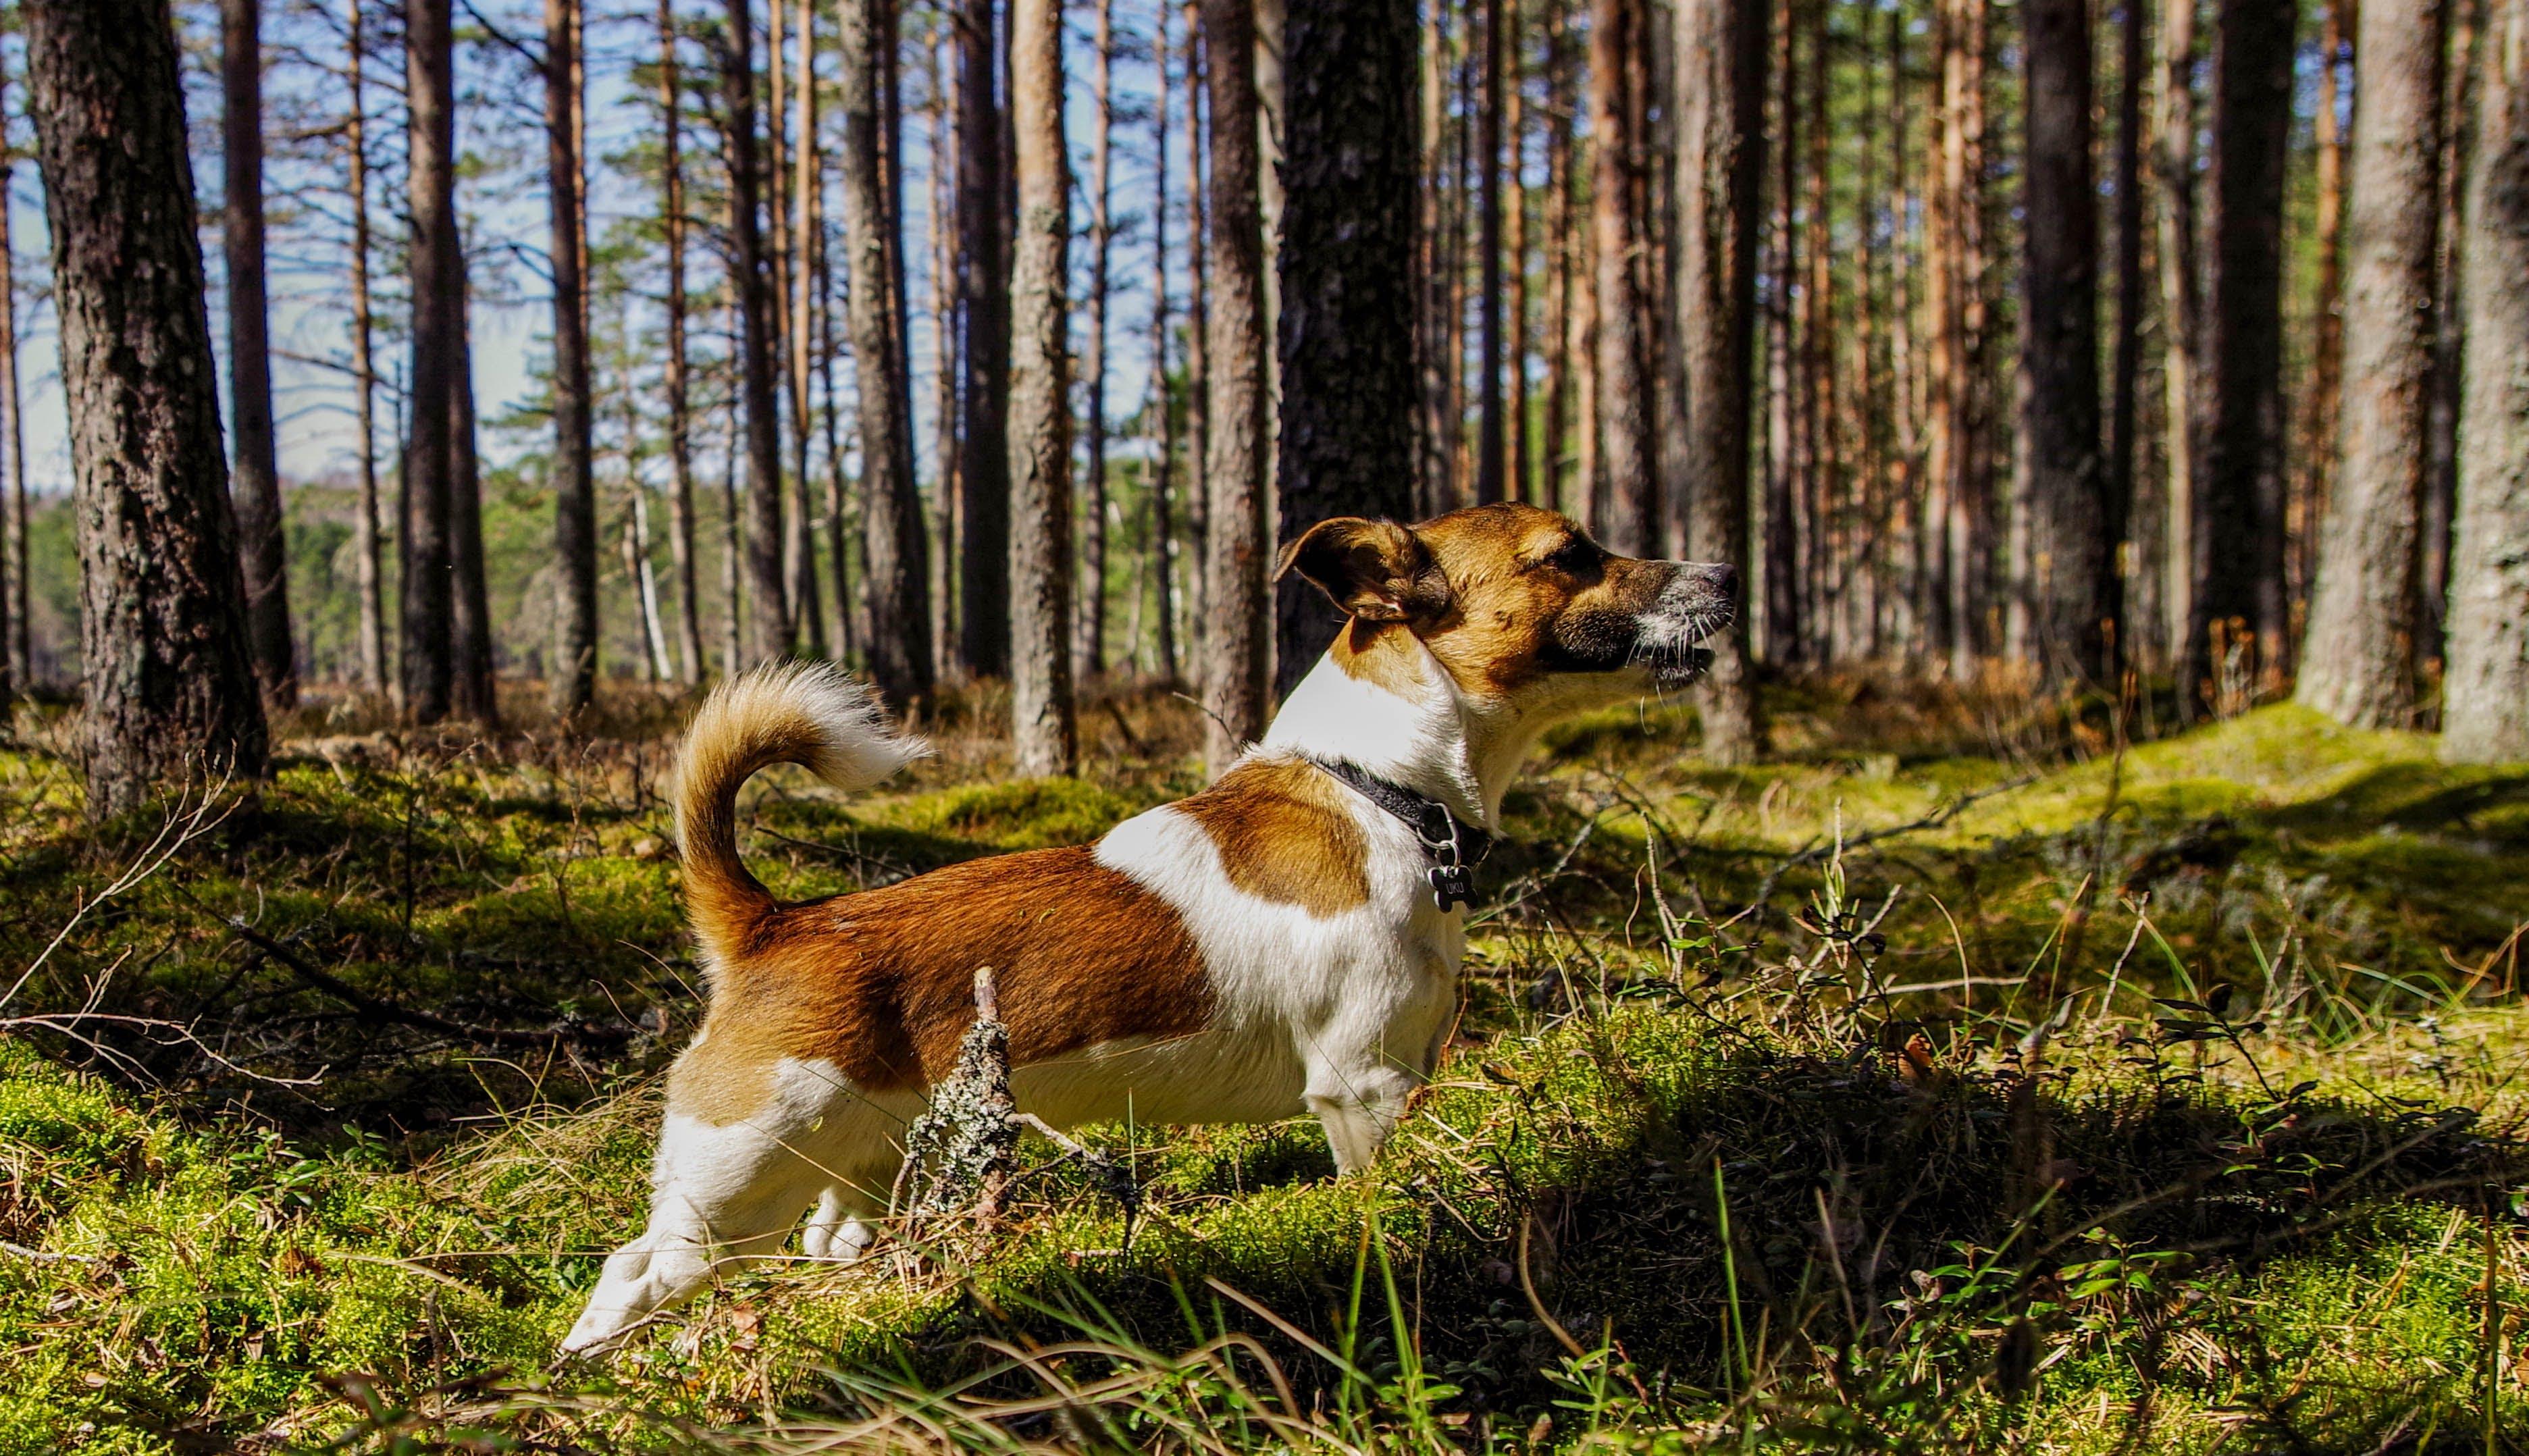 Medium Short-coated Tan and White Dog on Focus Photo